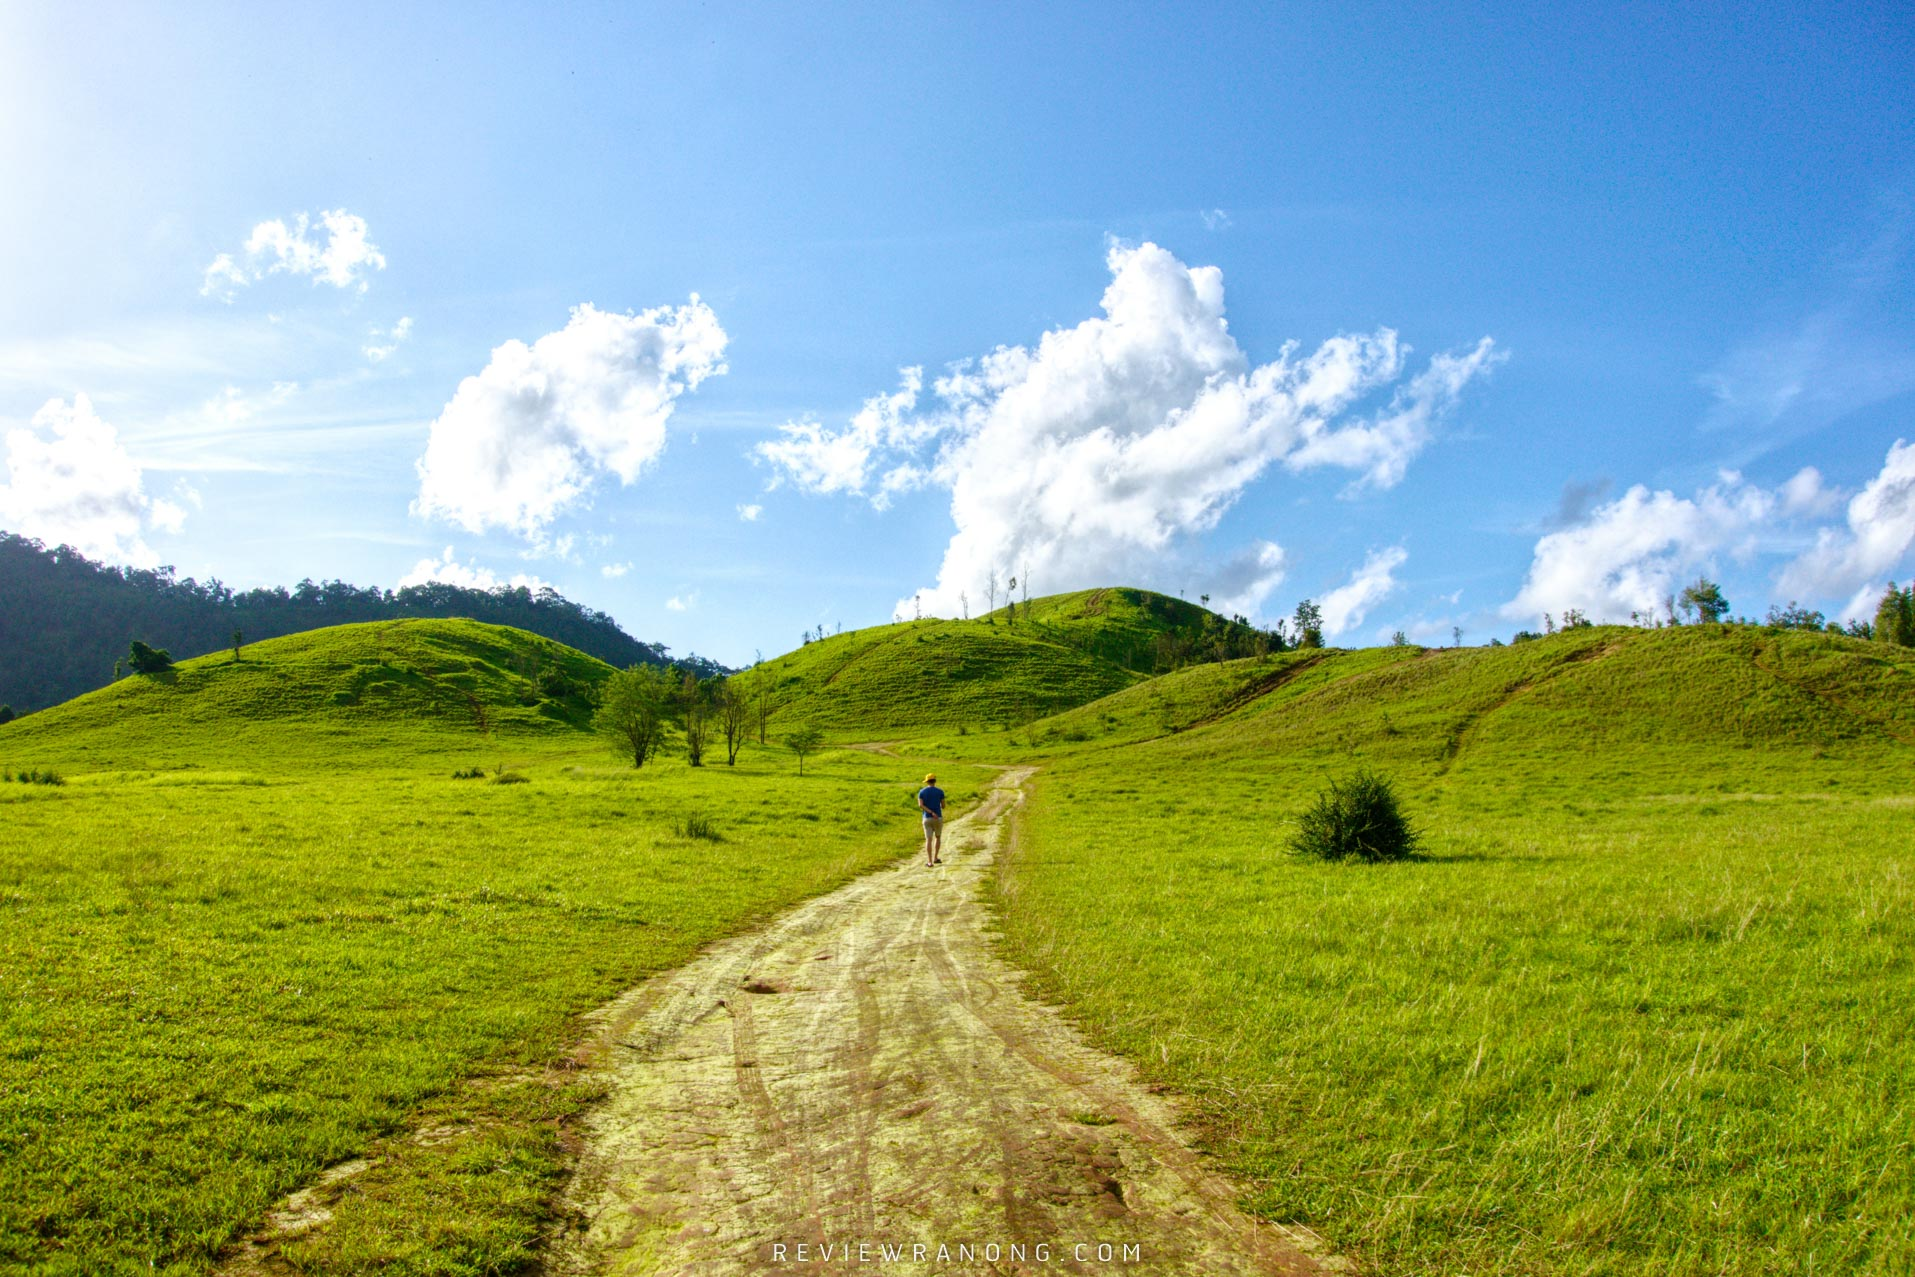 ที่เที่ยวระนอง,จุดเช็คอินระนอง,ภูเขาหญ้า